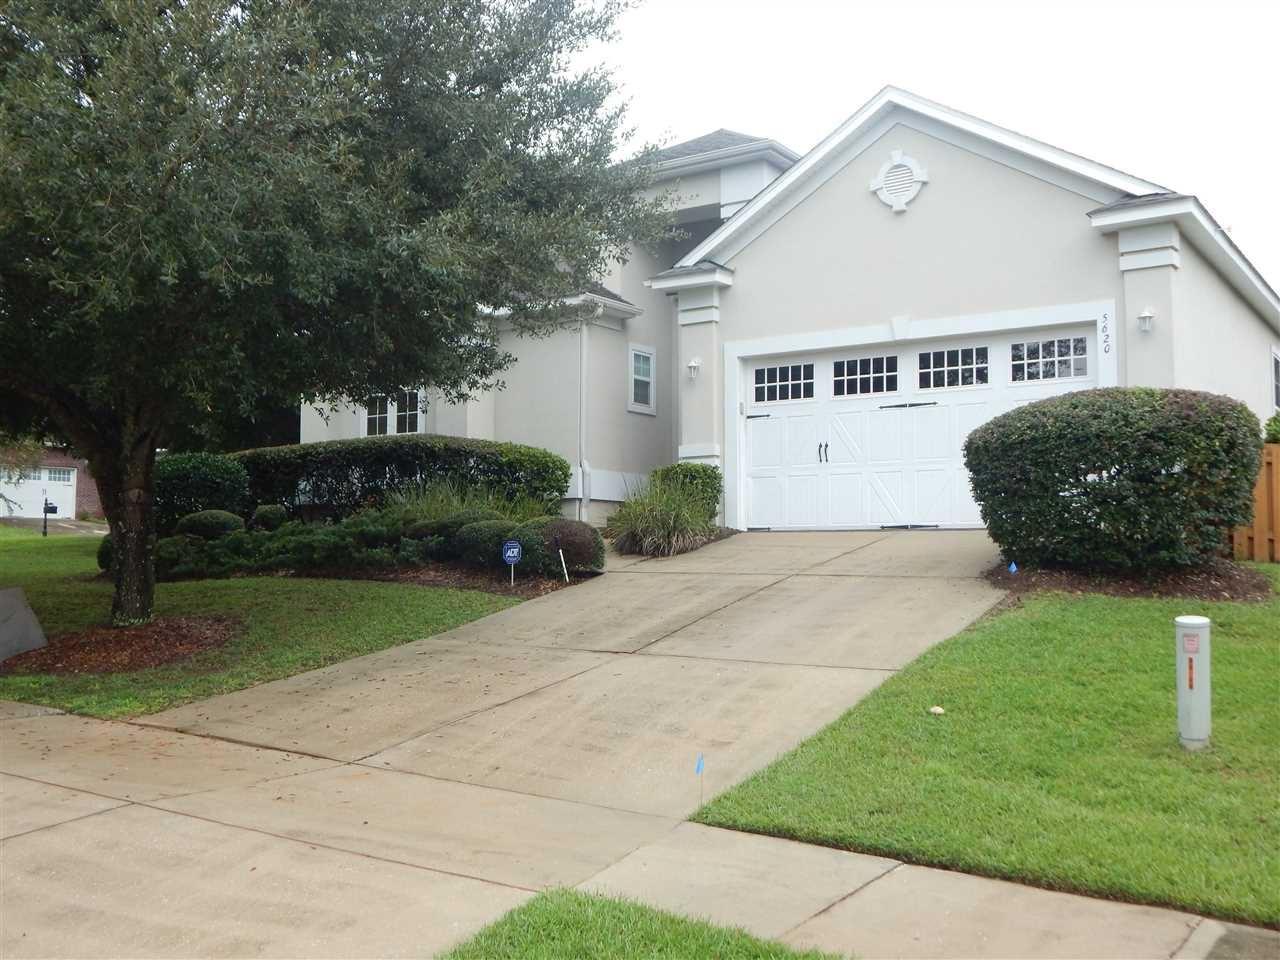 Photo of 5620 Tecumseh Drive, TALLAHASSEE, FL 32312 (MLS # 324179)